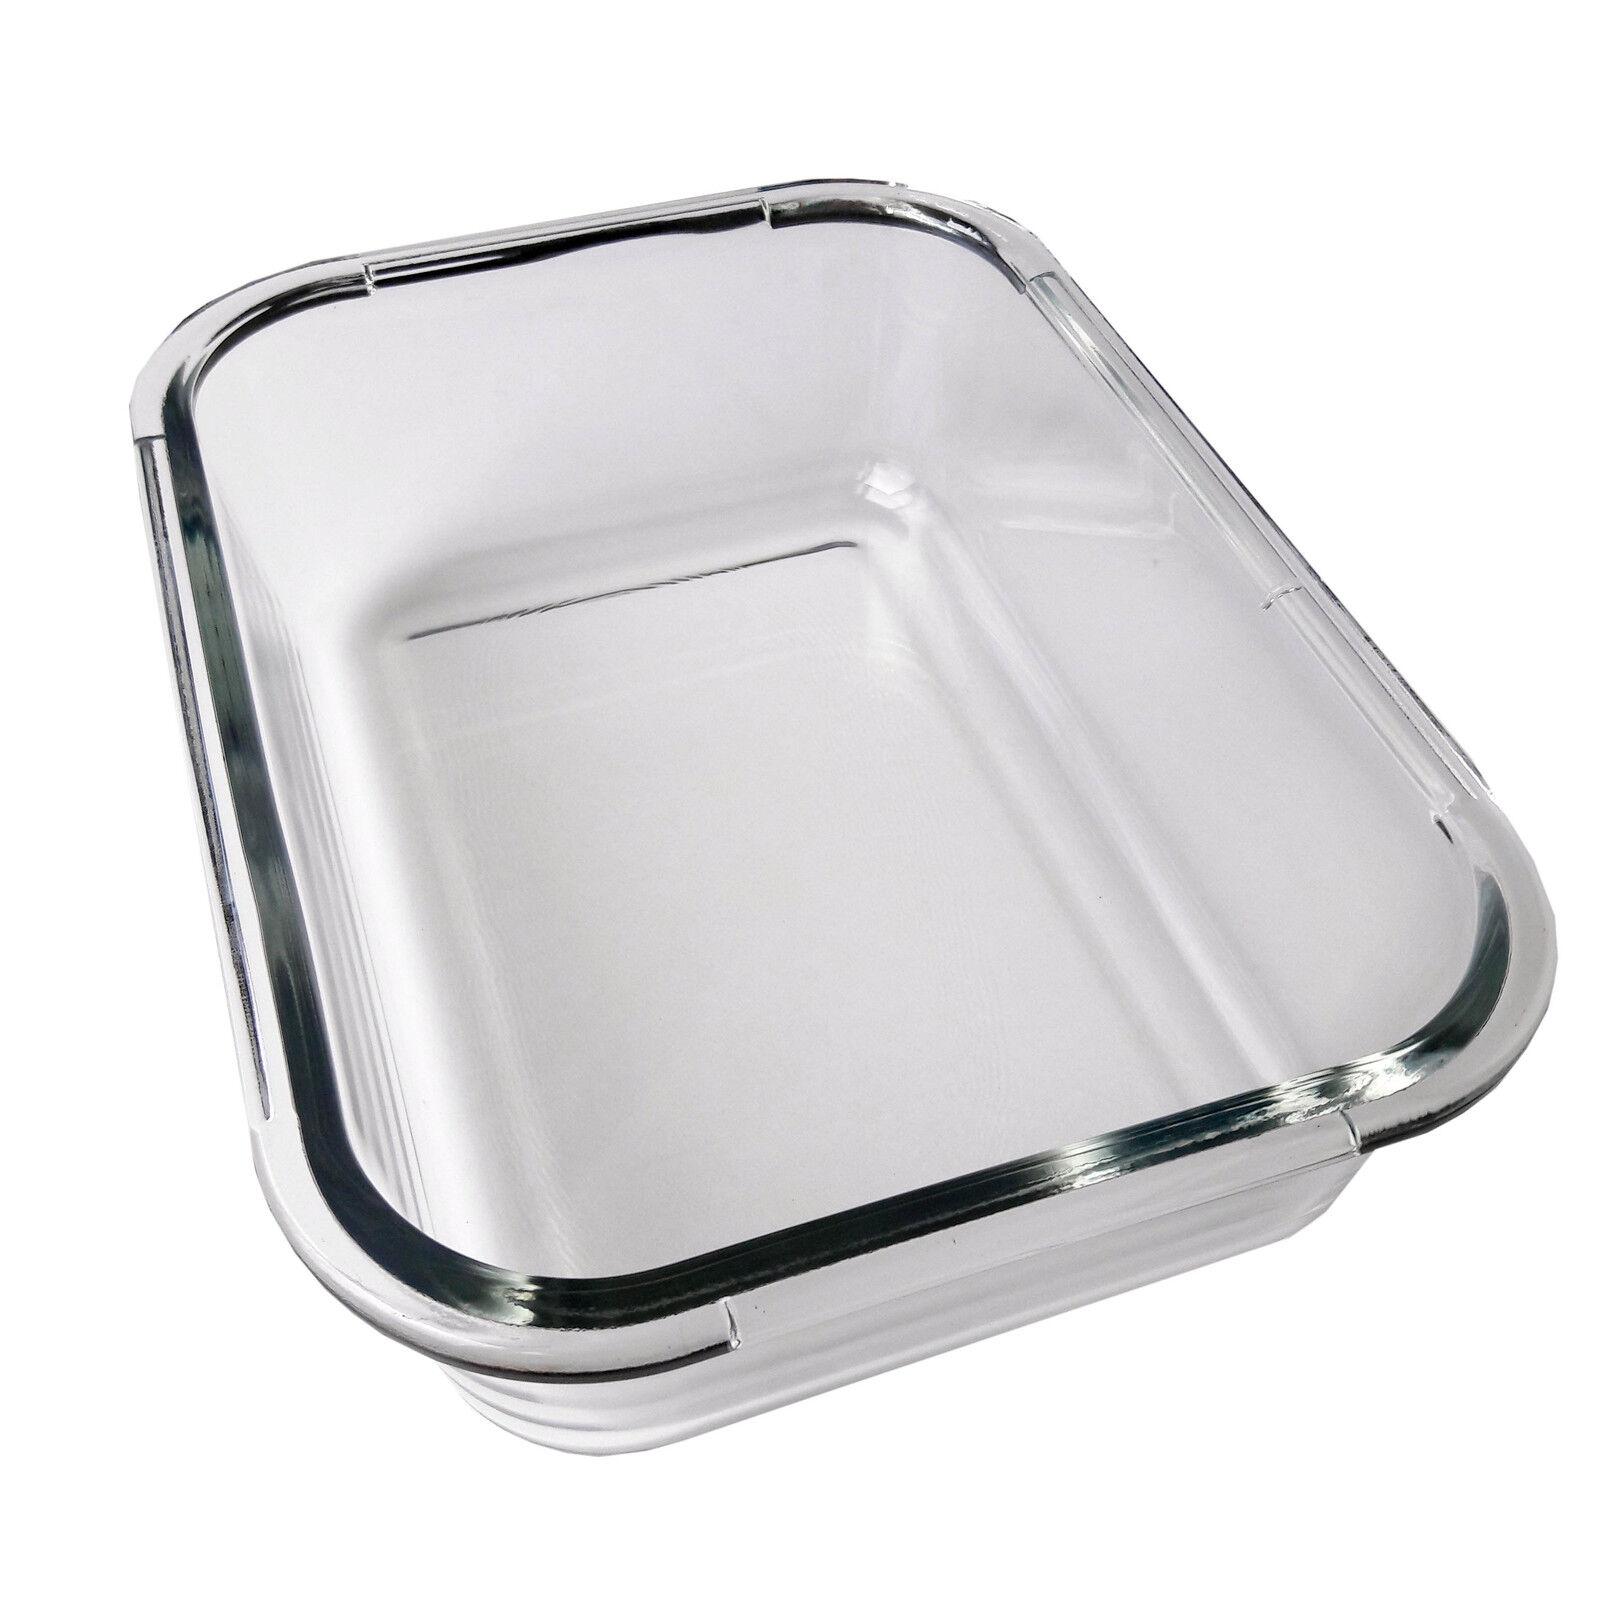 Vorratsbeh Lter clip vorratsbehälter frischhaltedosen set aus glas brotdose emsa eur 16 95